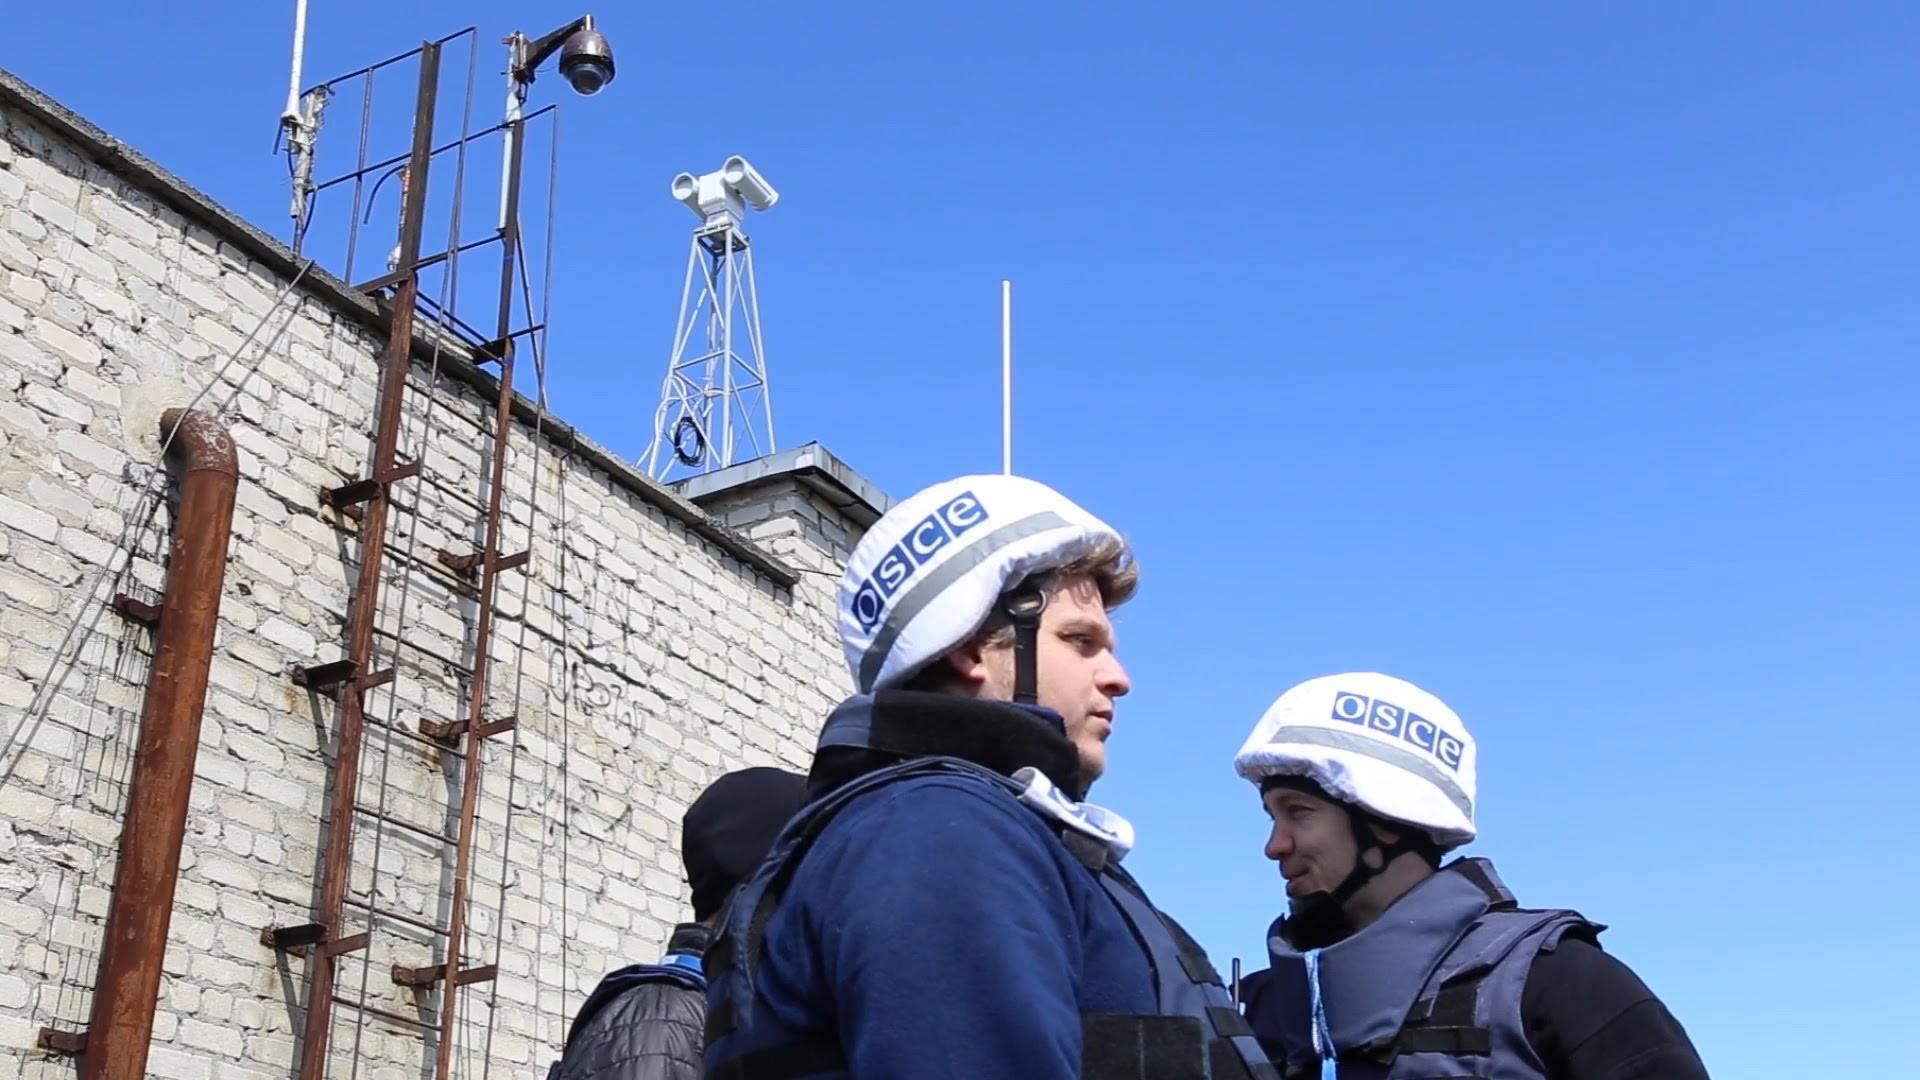 Біля Донецька спостерігачі ОБСЄ потрапили під мінометний вогонь бойовиків